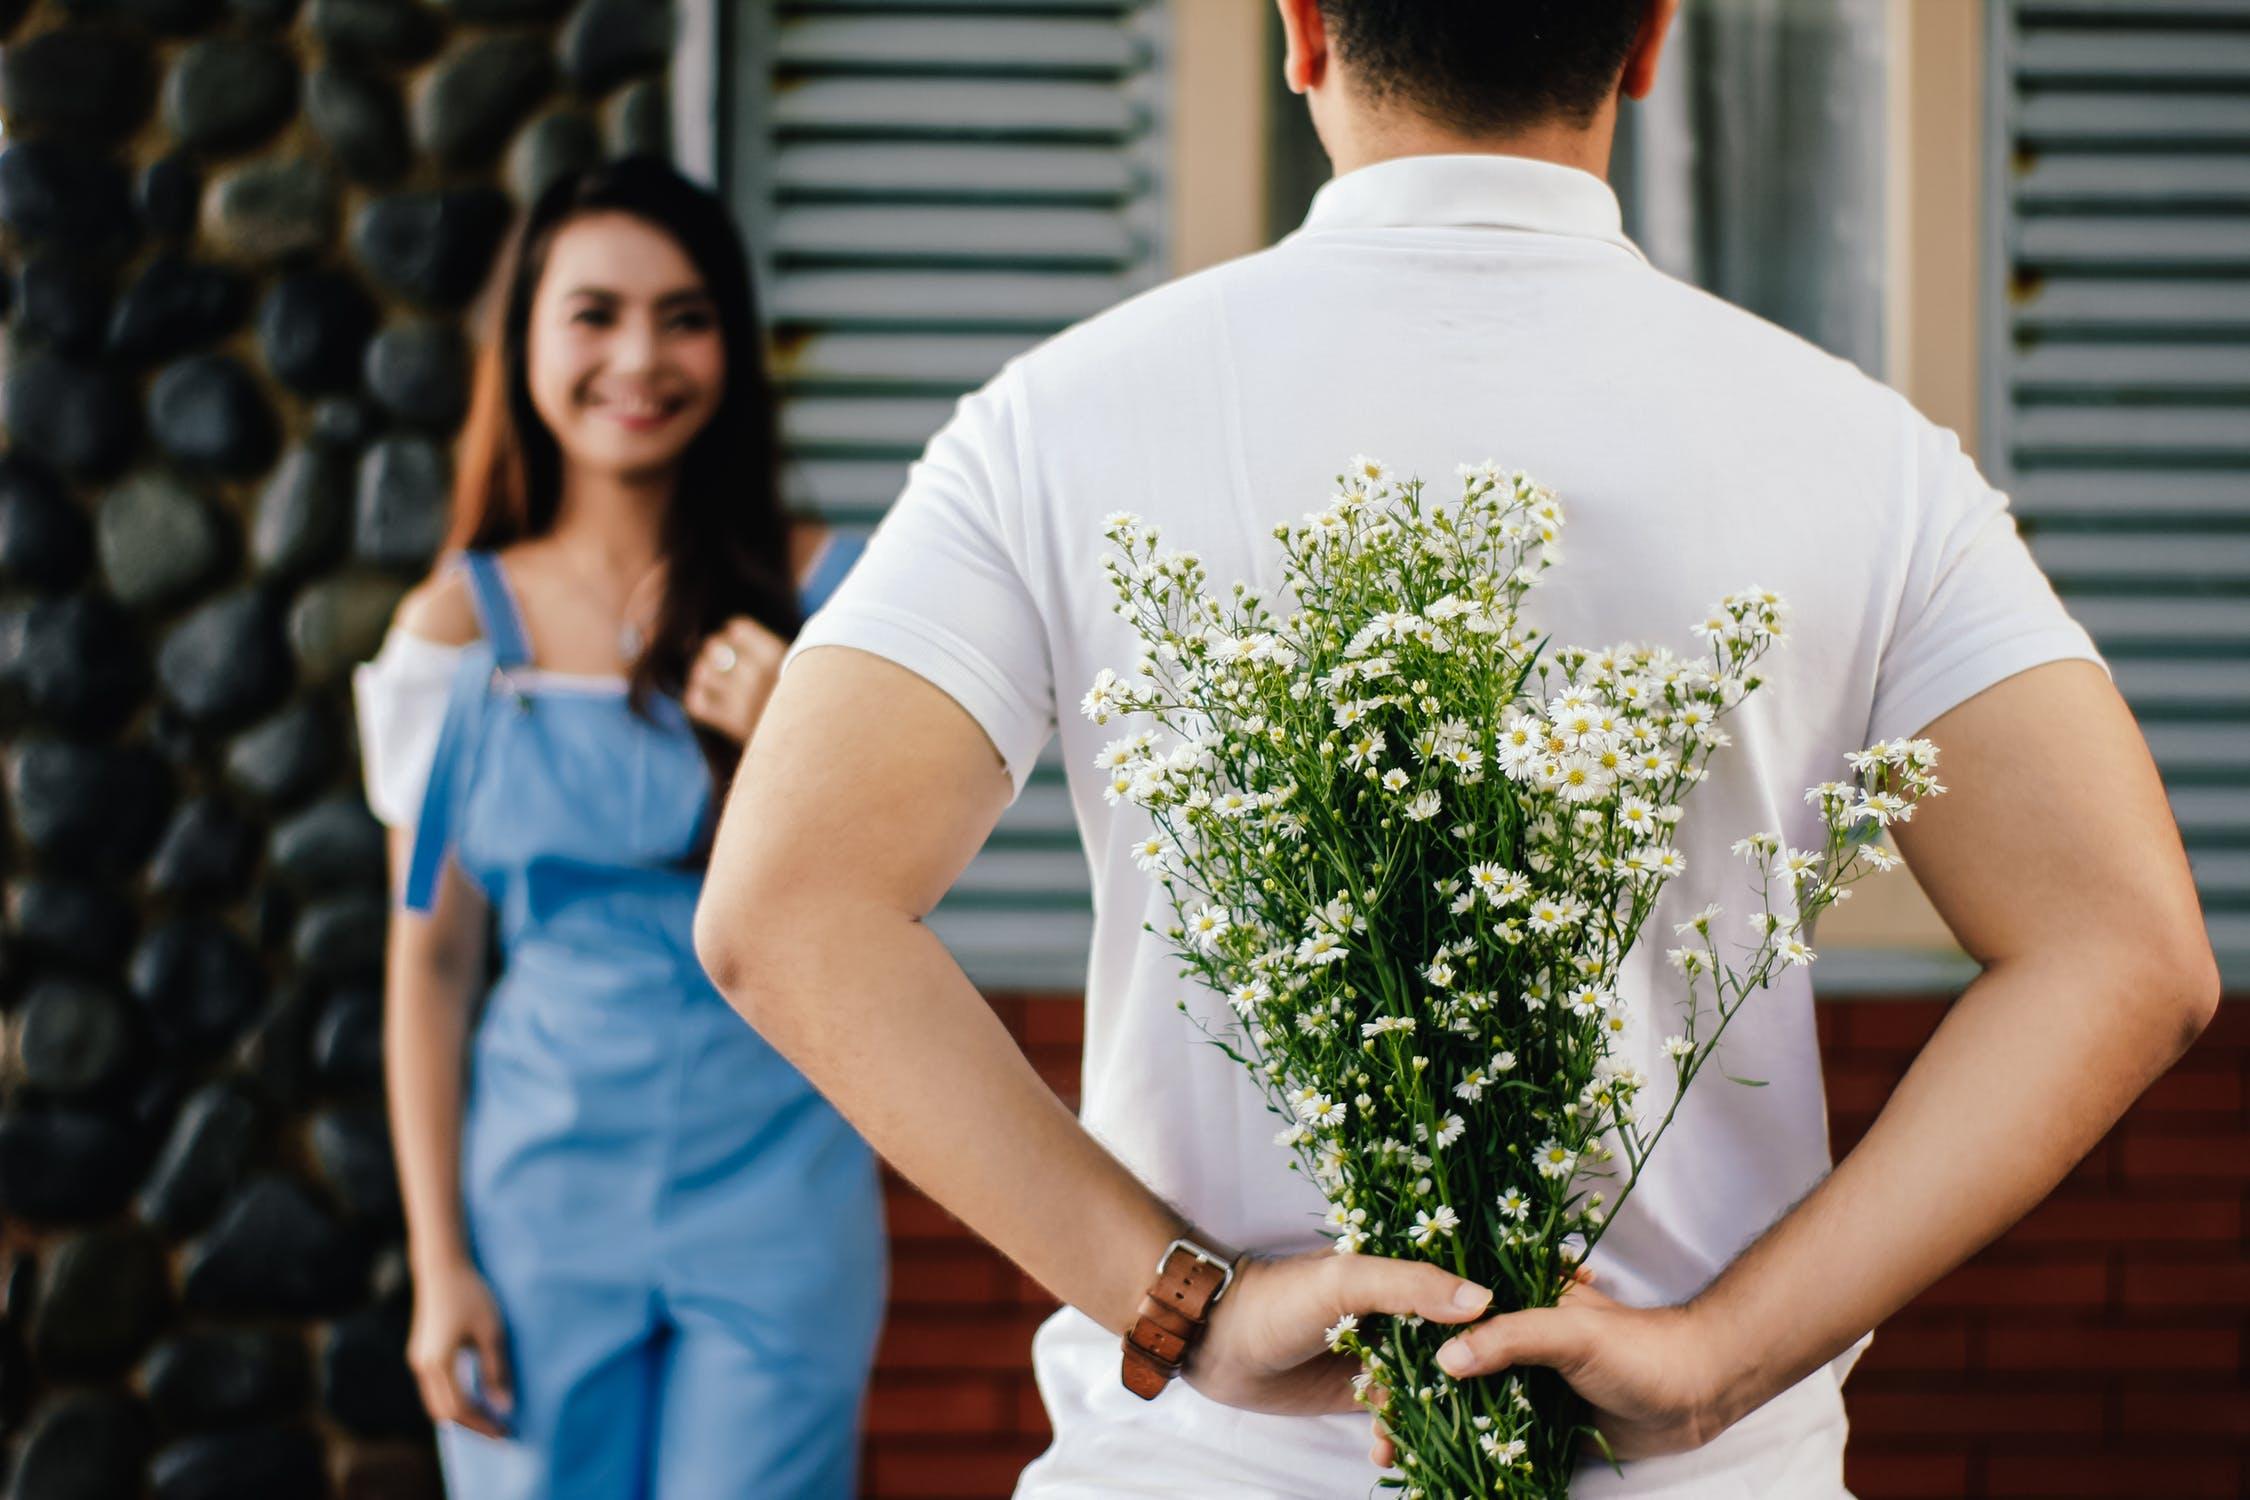 Pitanje koje mi je spasilo brak tog dana kada sam se htio razvesti od svoje žene